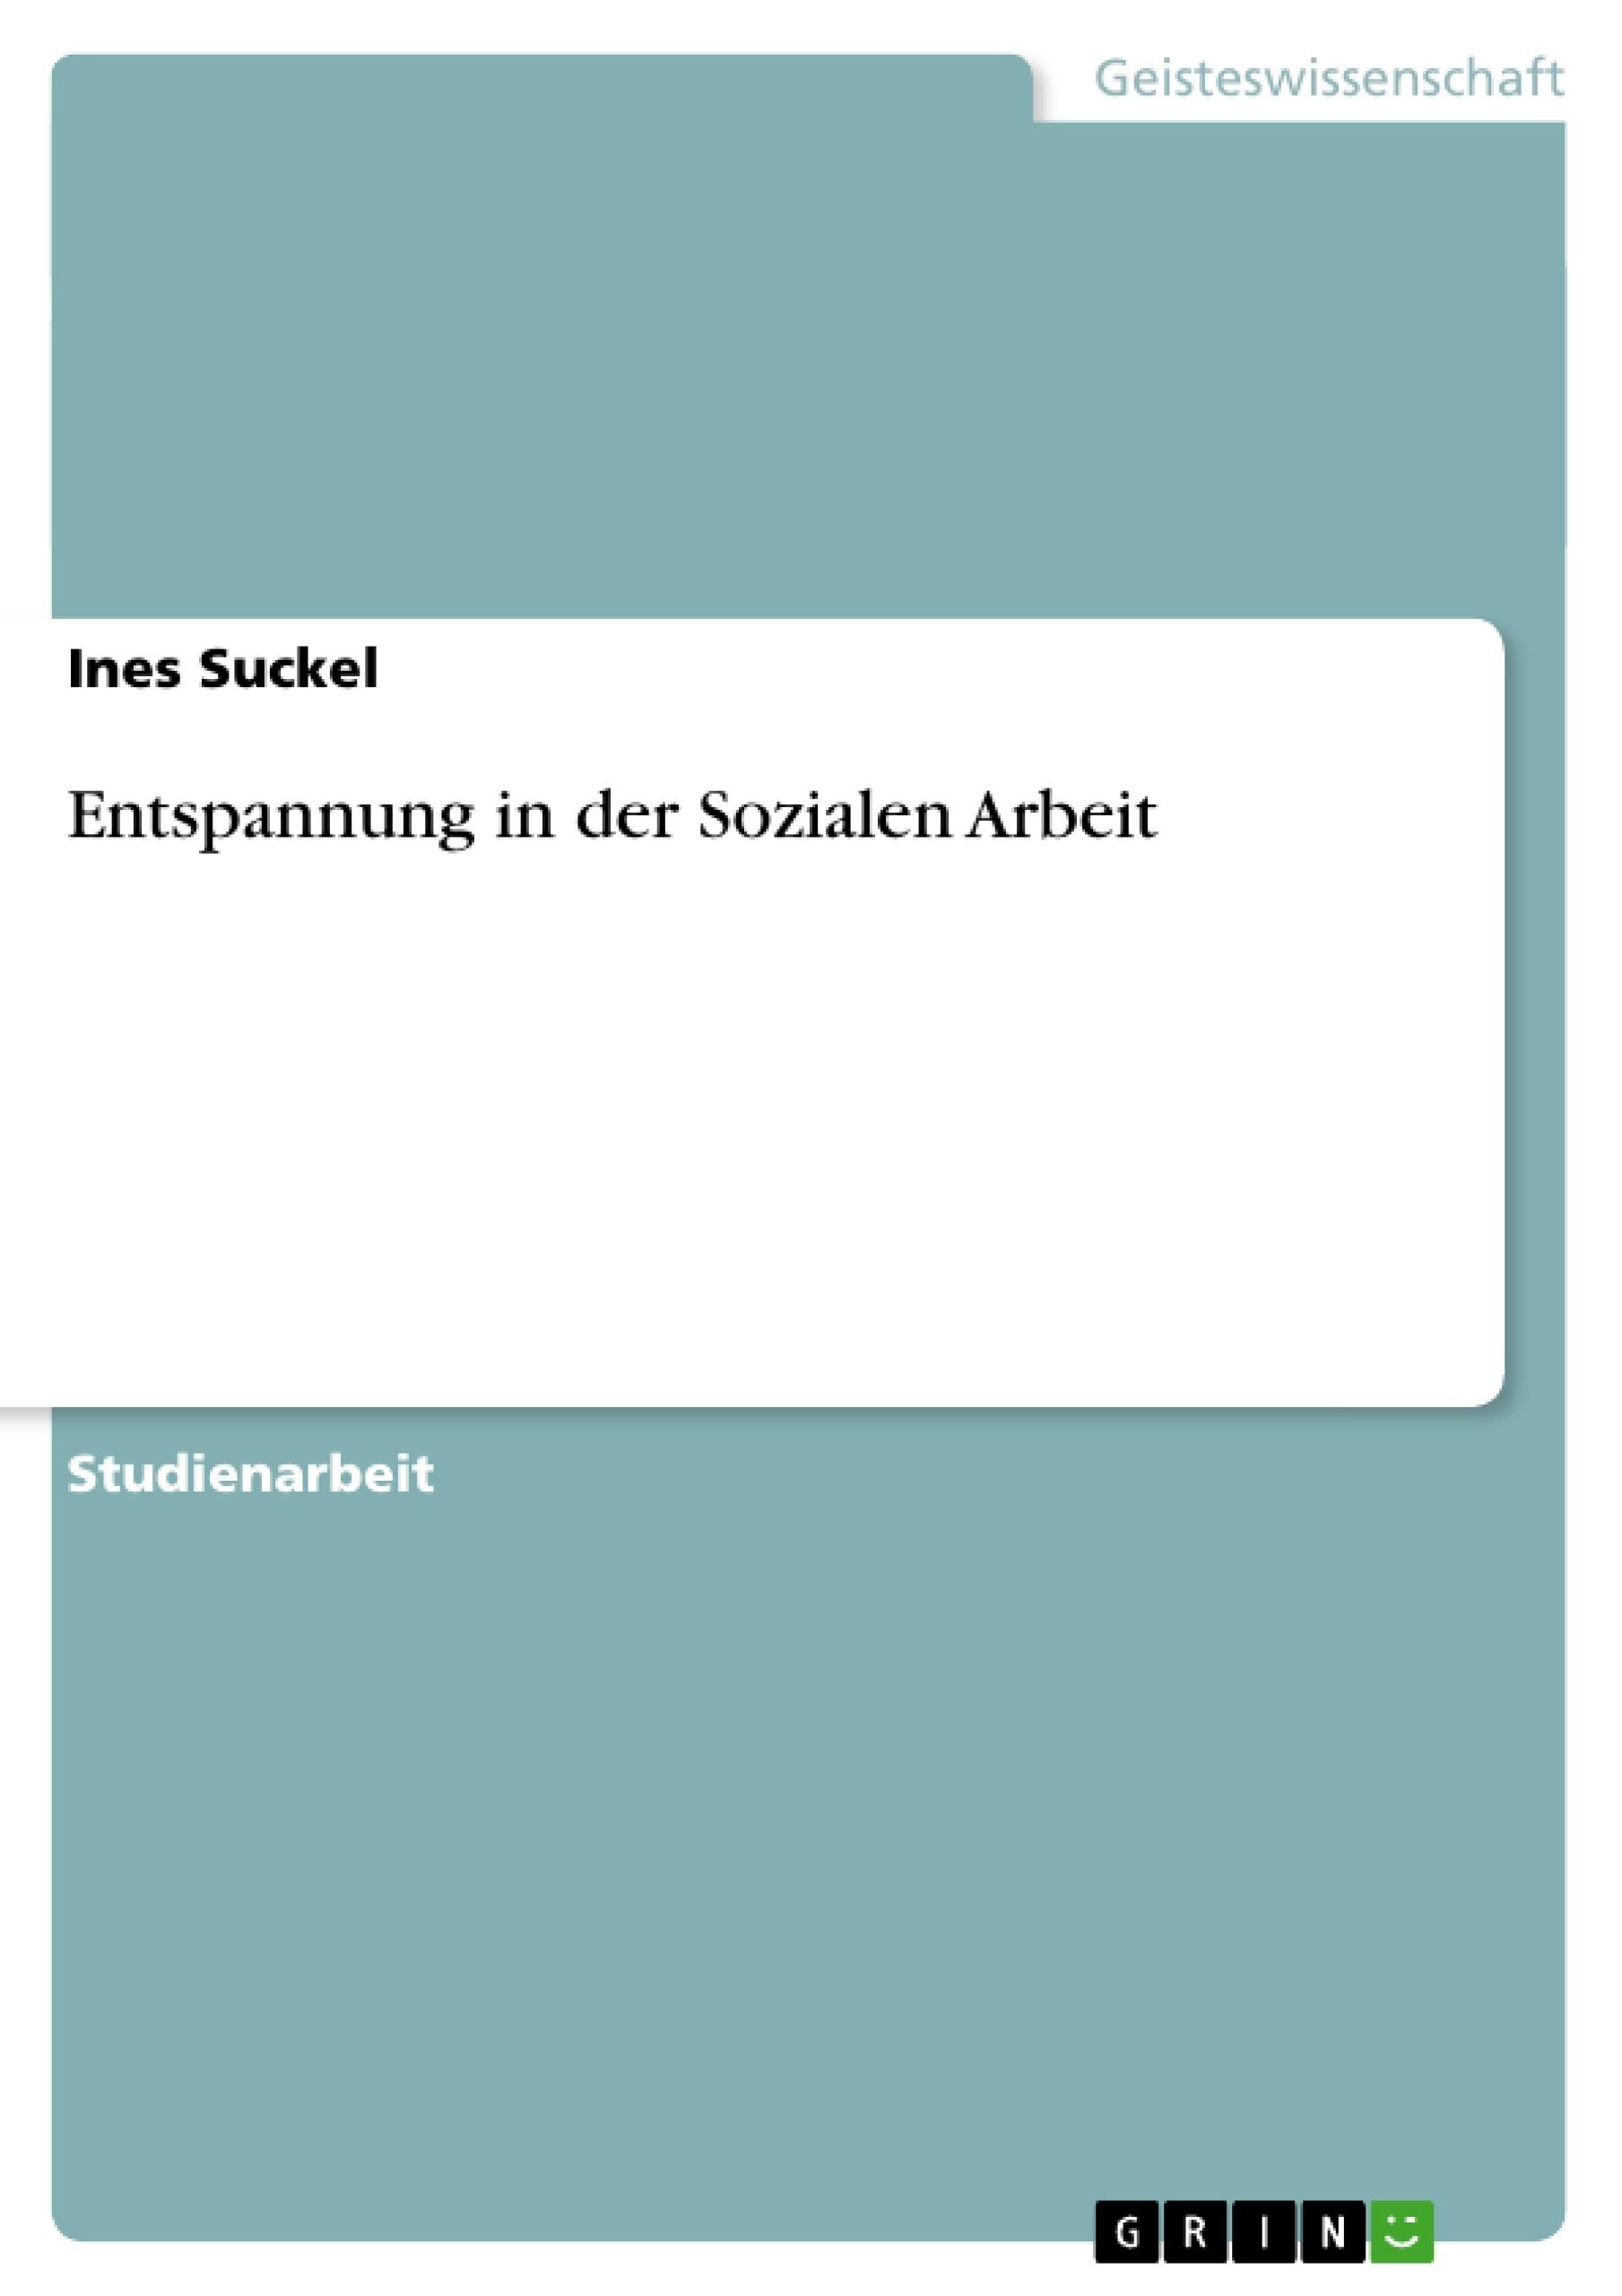 Titel: Entspannung in der Sozialen Arbeit